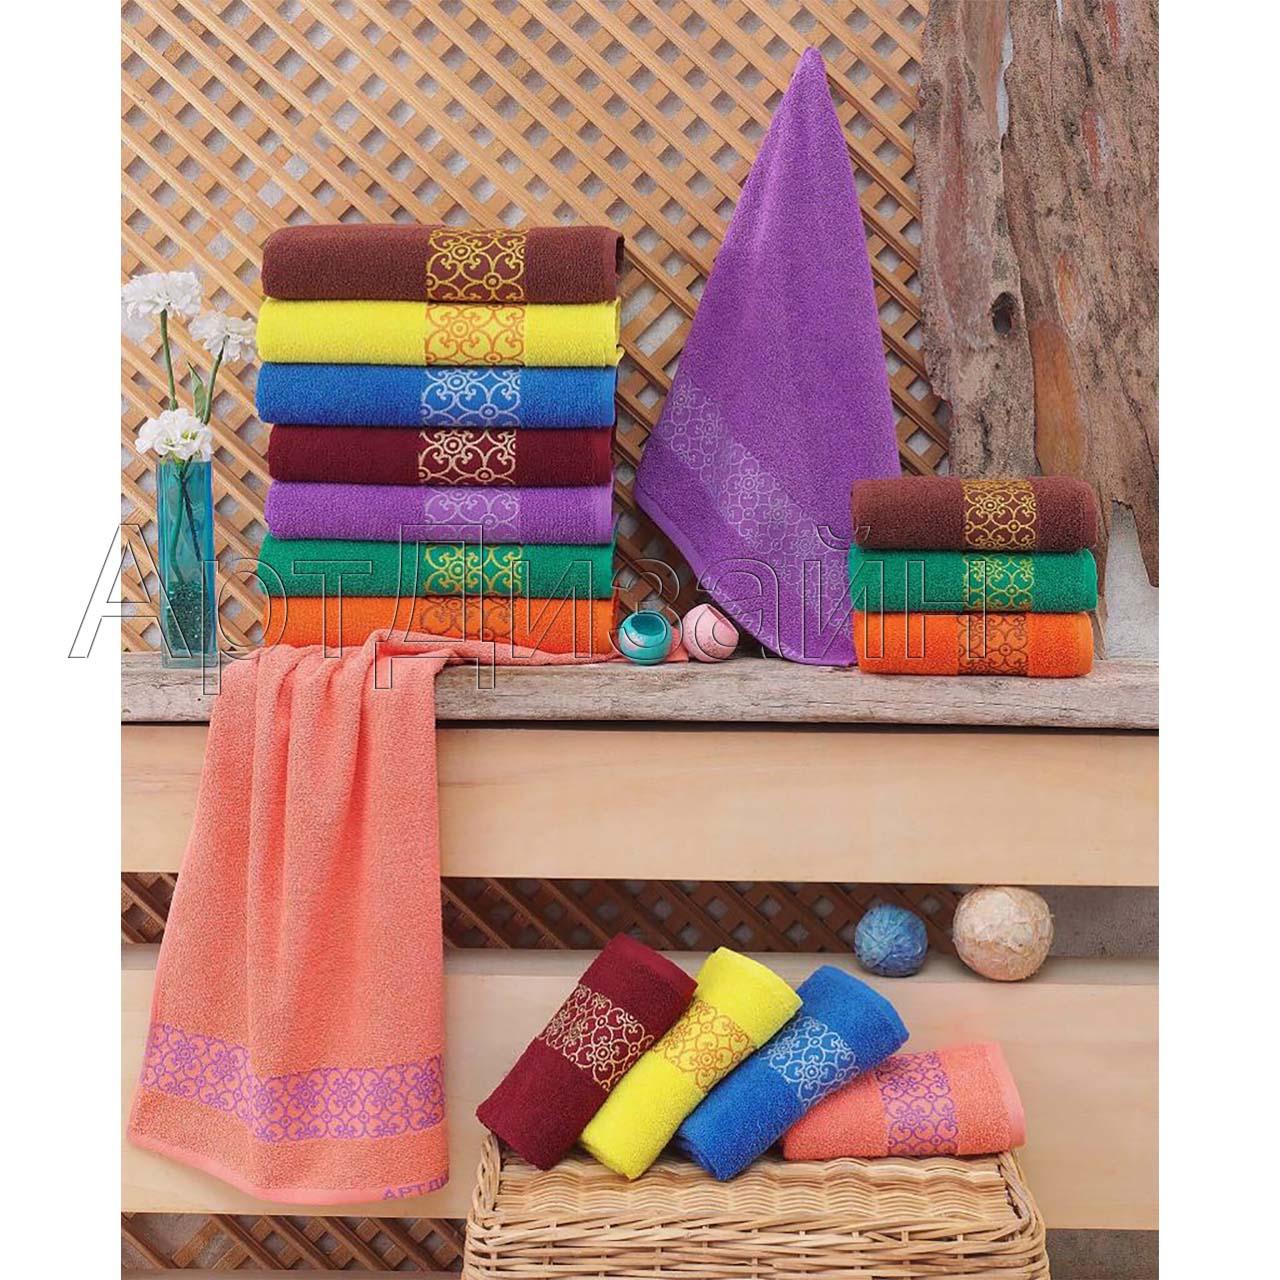 Набор полотенец арт. 01-0265 Оранж р. 50х90, 70х140 - Текстиль для дома артикул: 27162